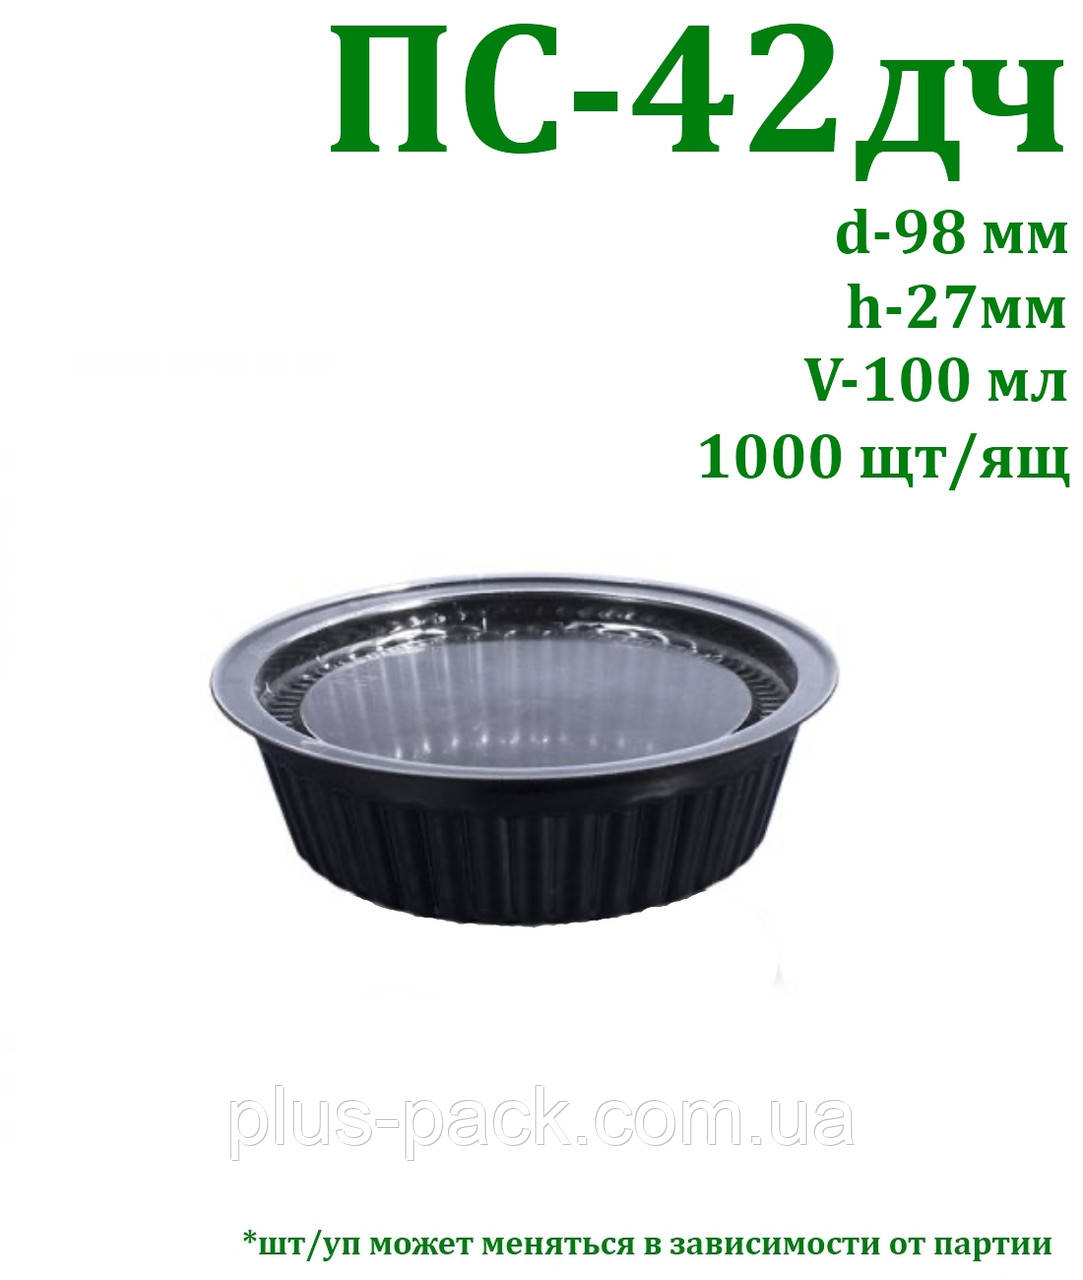 Цілий контейнер для соусу (100 мл)